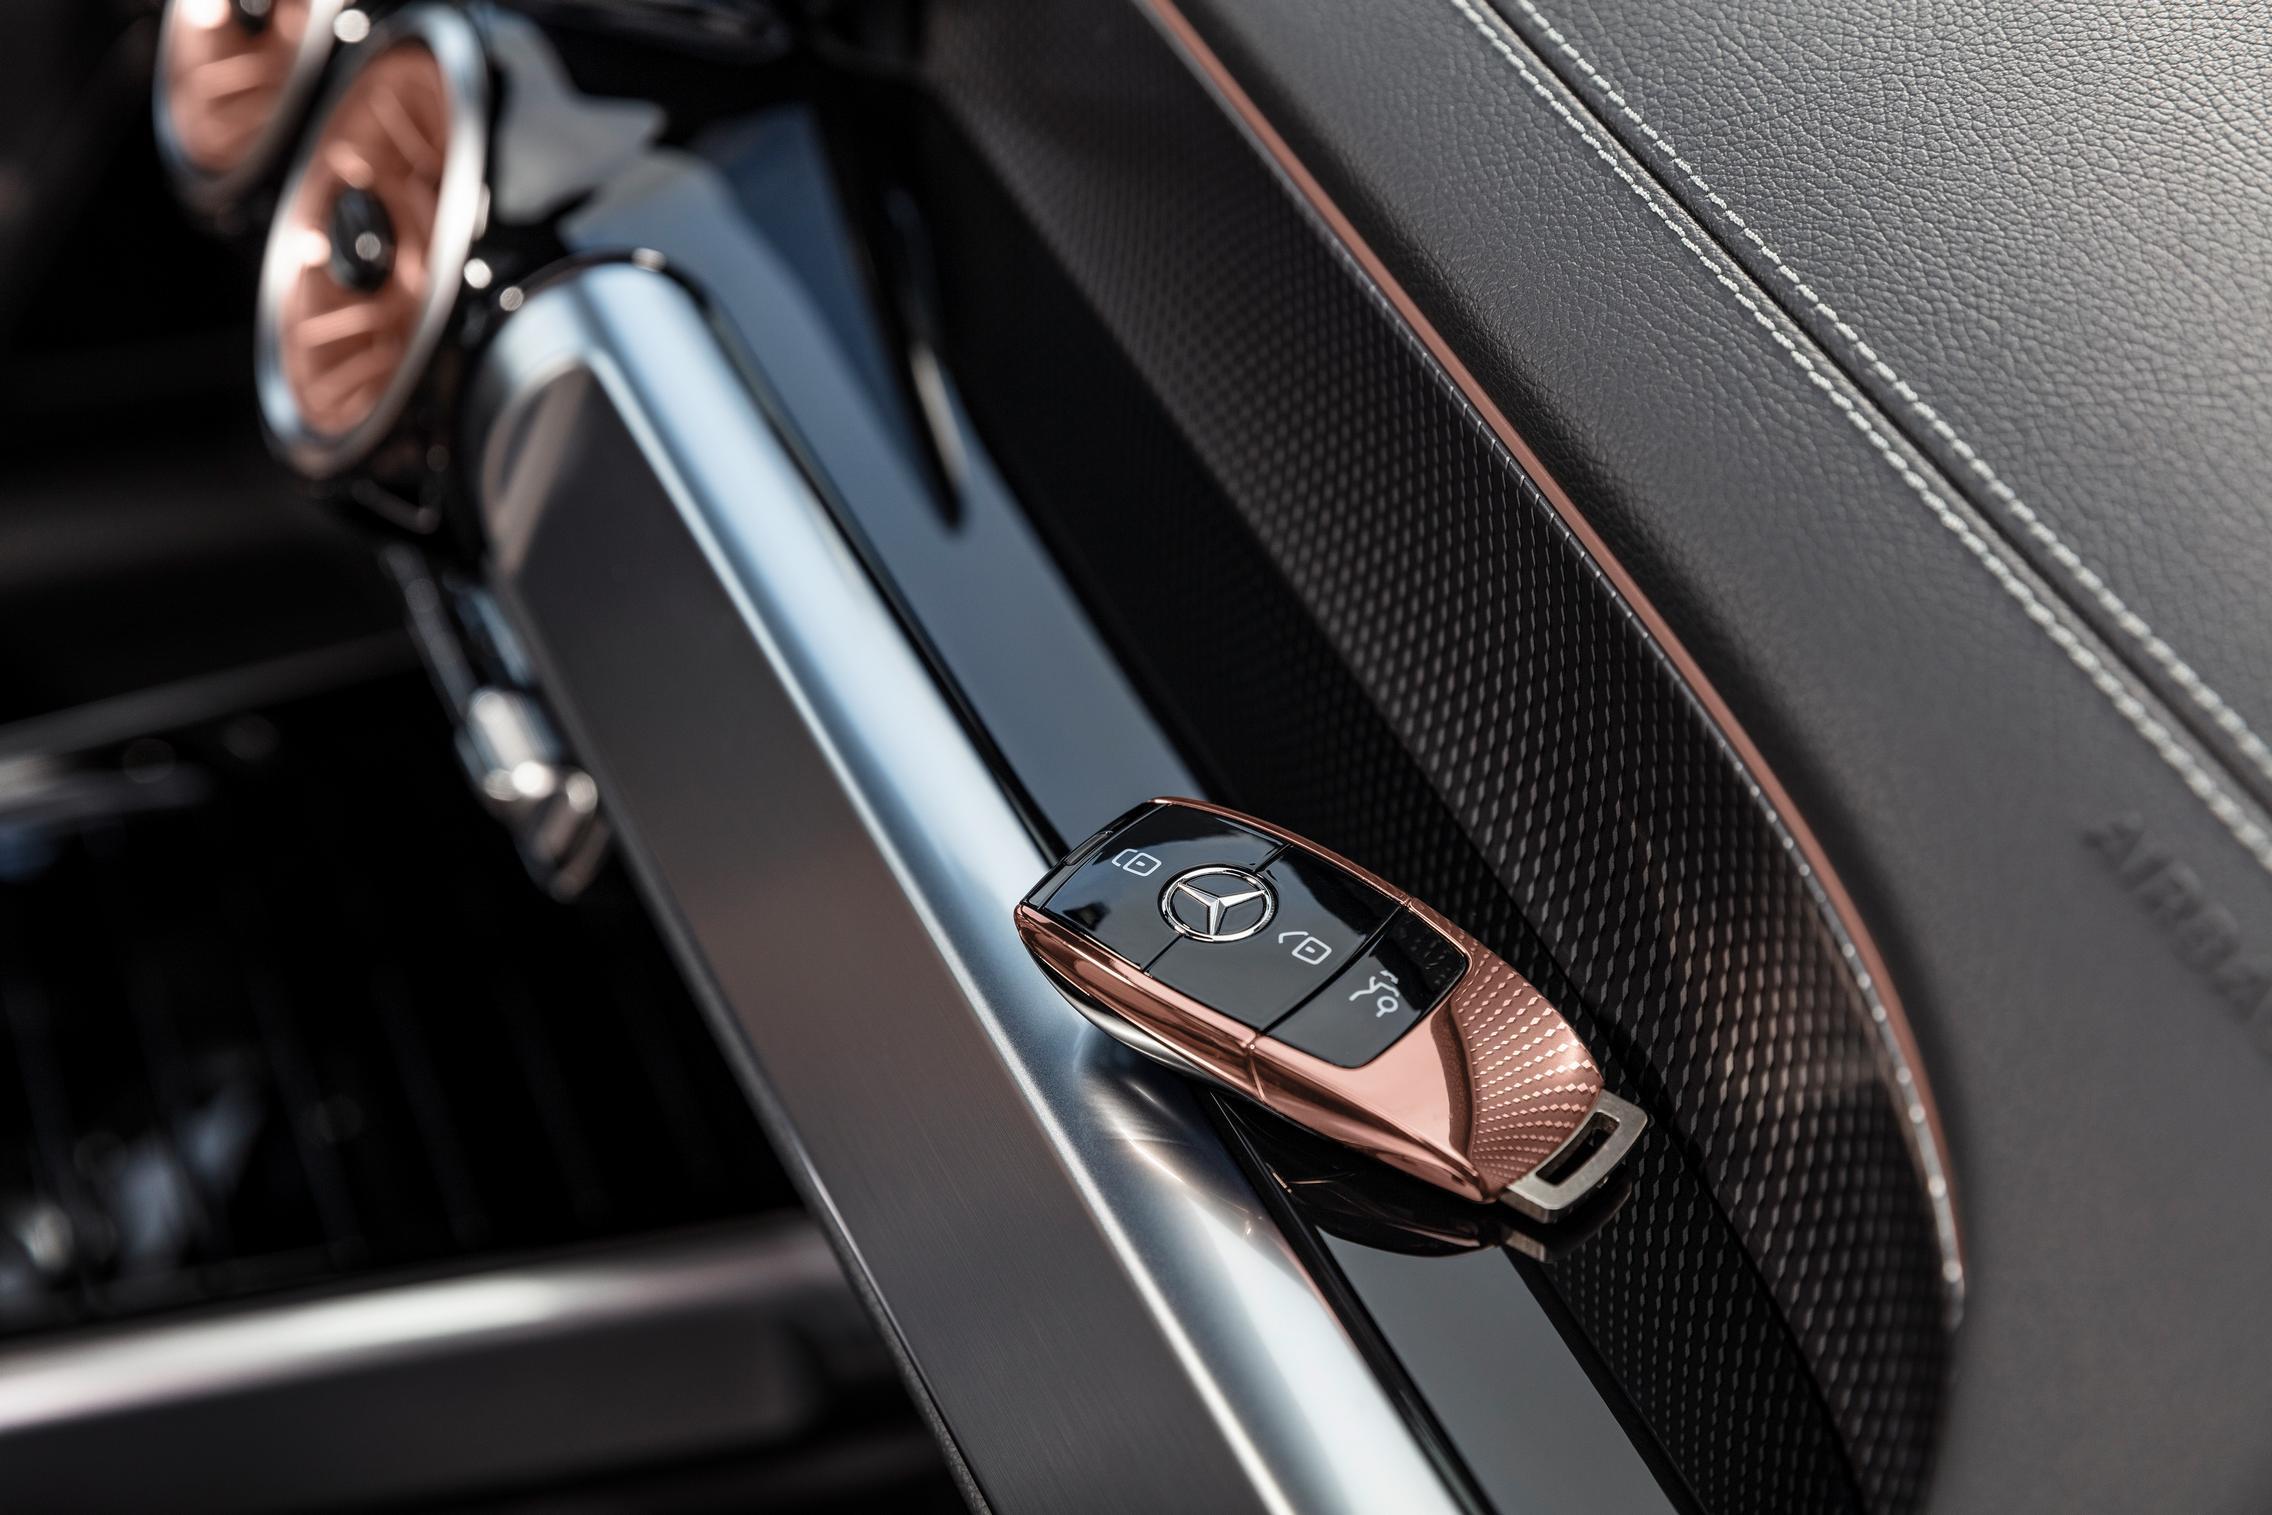 Mercedes-Benz EQB key fob